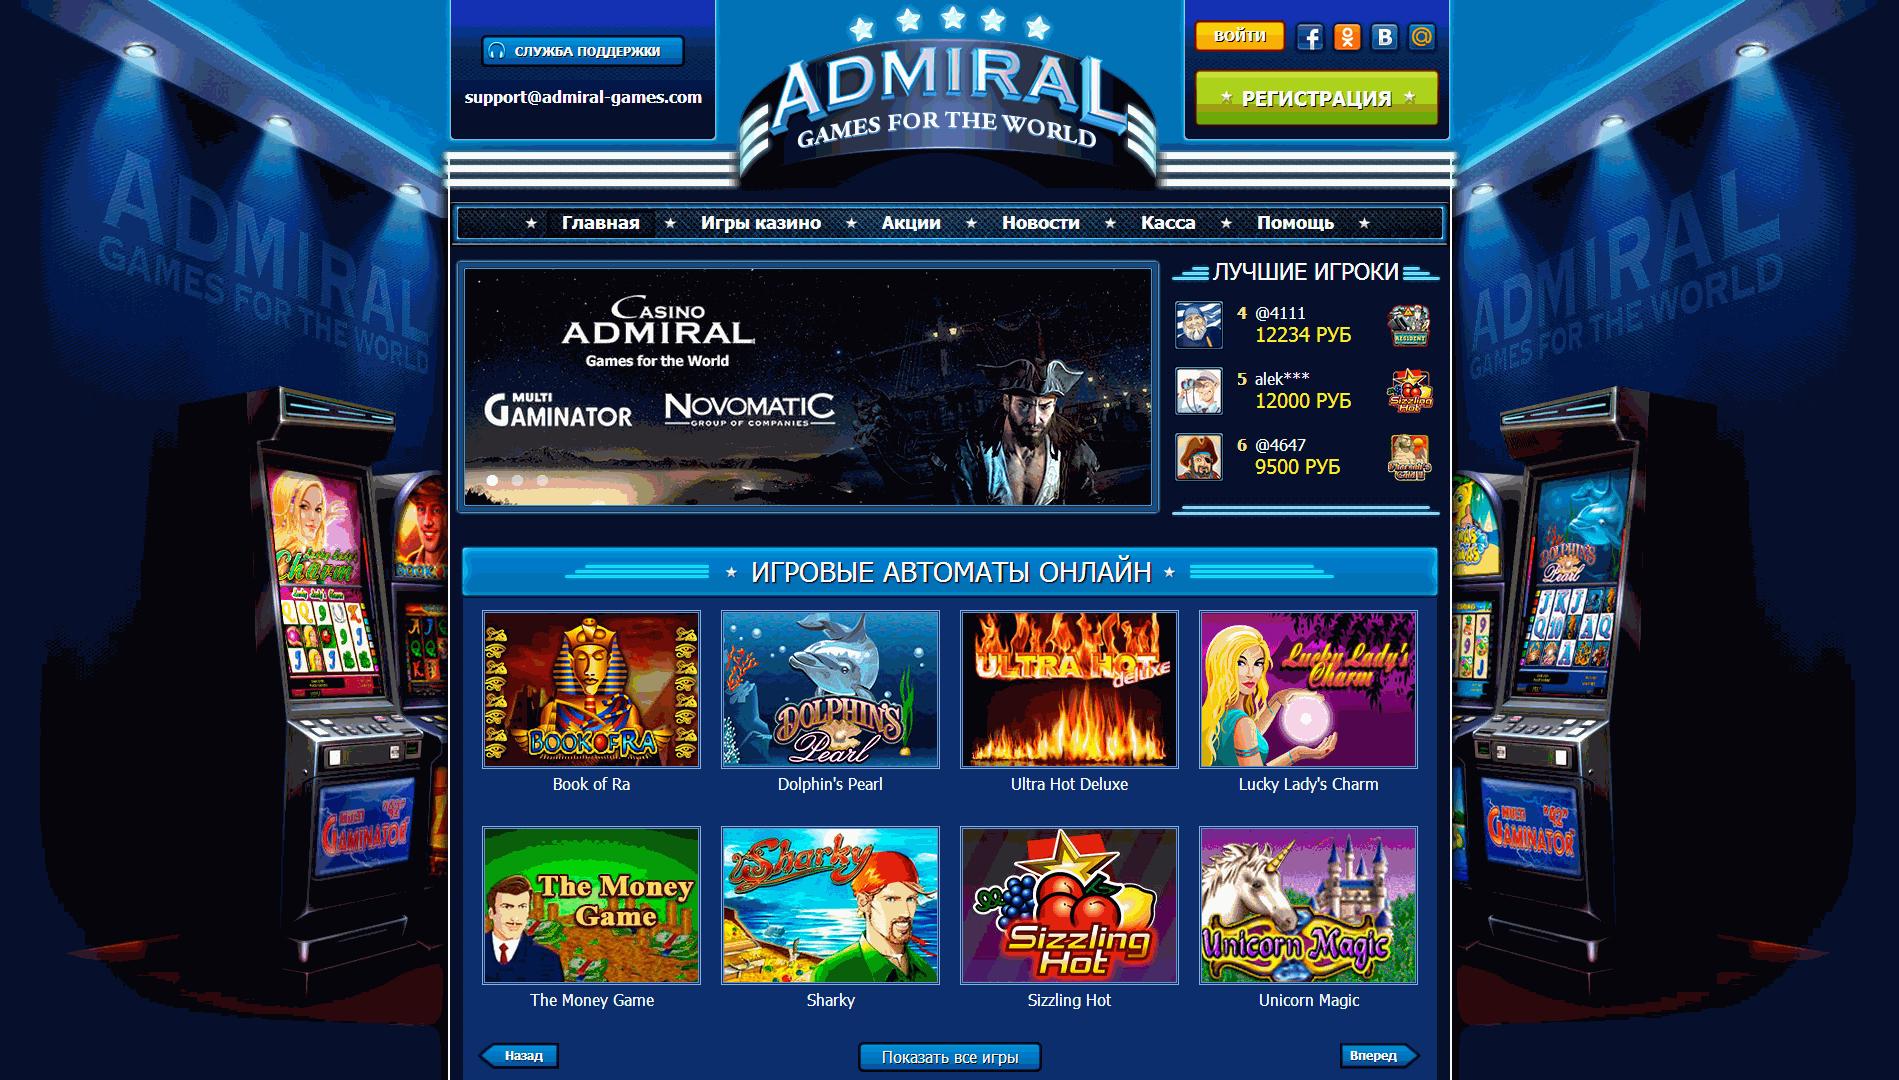 Играть игровые автоматы бесплатно прямо сейчас бесплатные игры для мобильного игровые автоматы